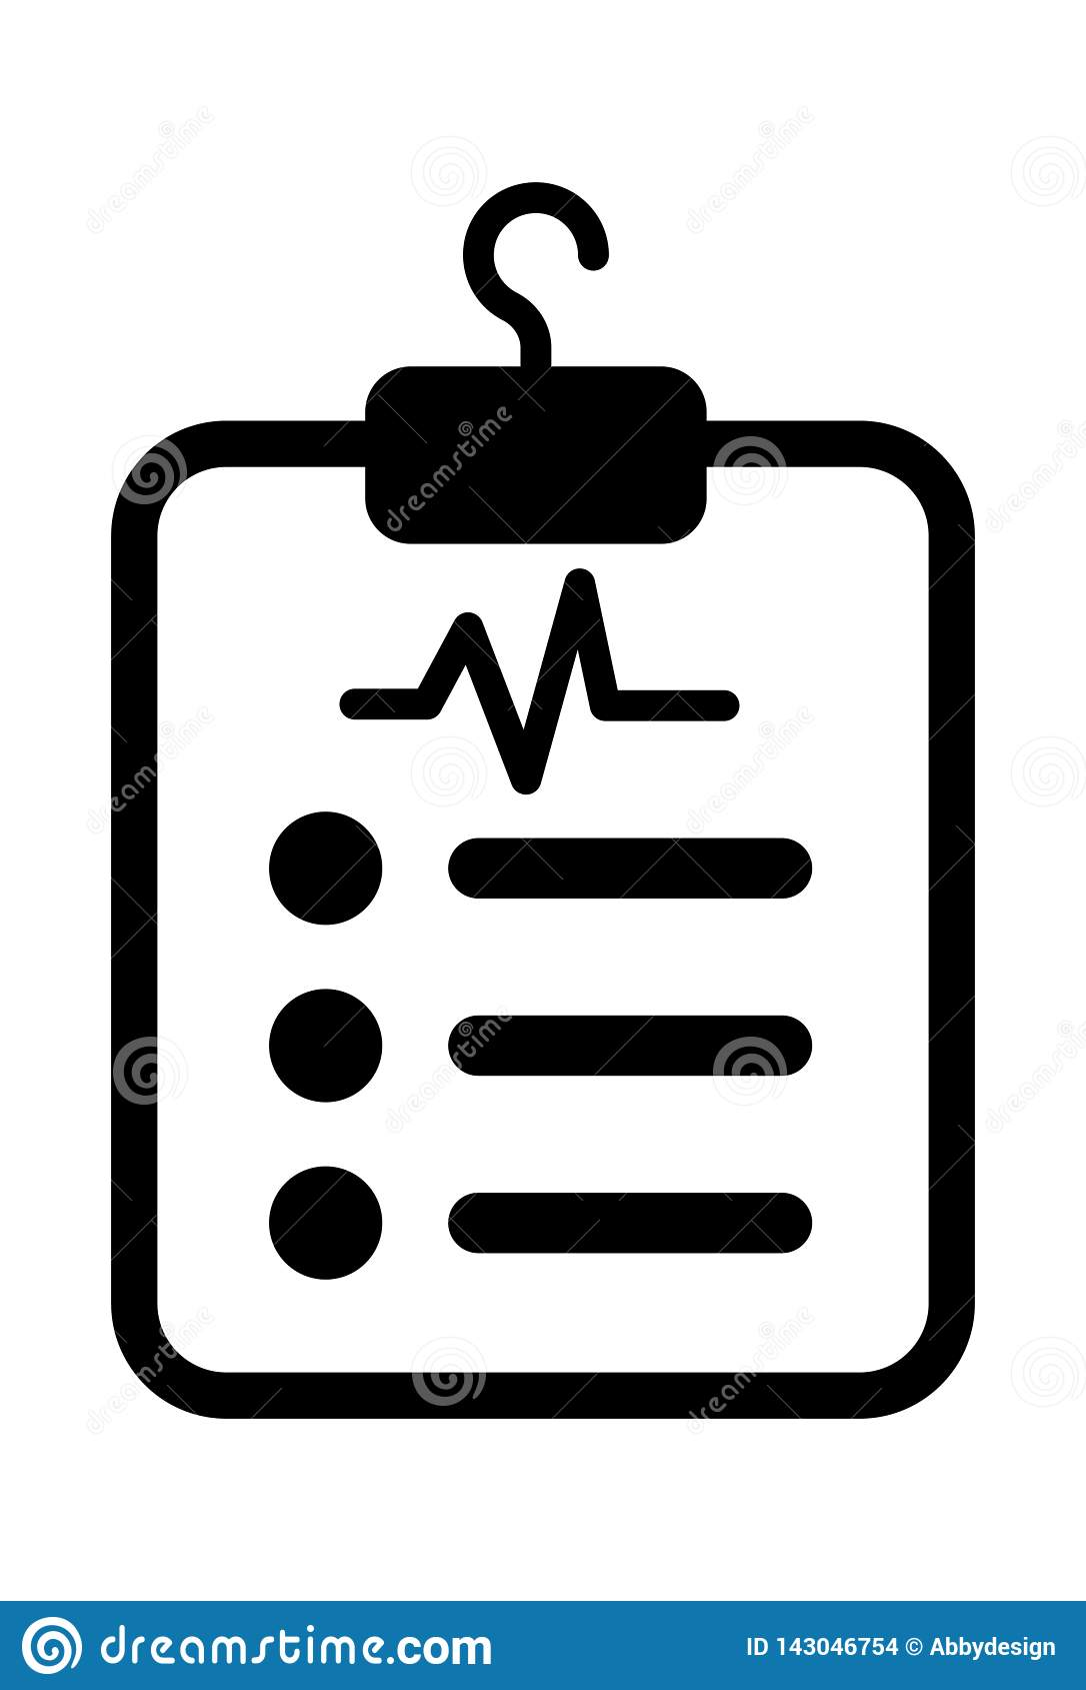 Vetor do ícone da folha do relatório médico